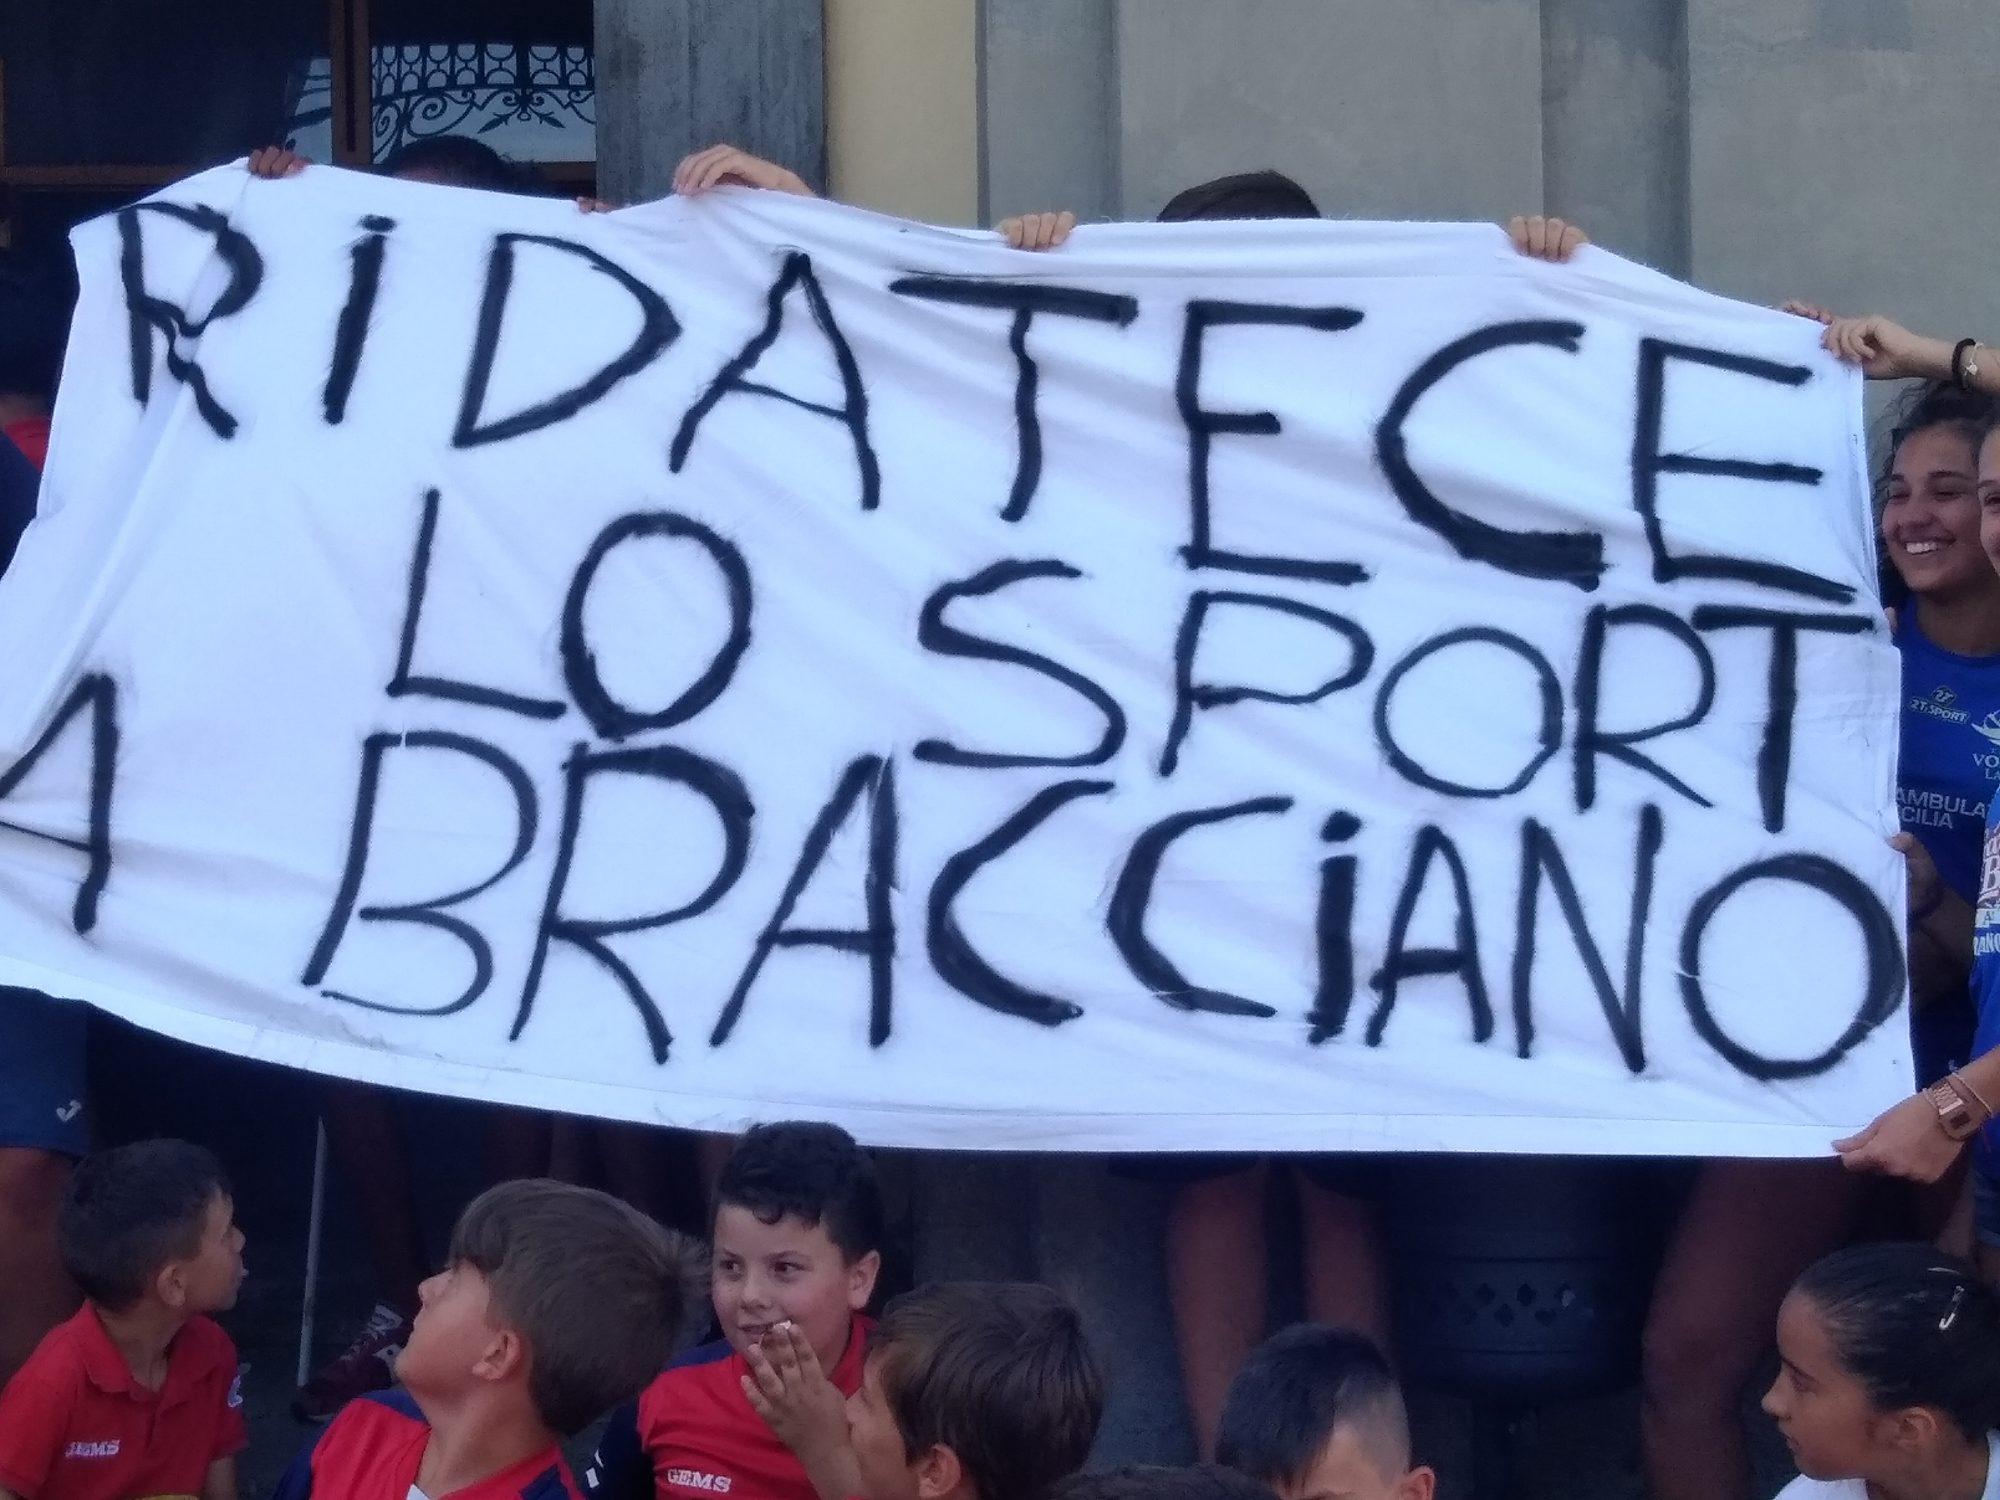 Bracciano in piazza per lo sport: bando da revocare